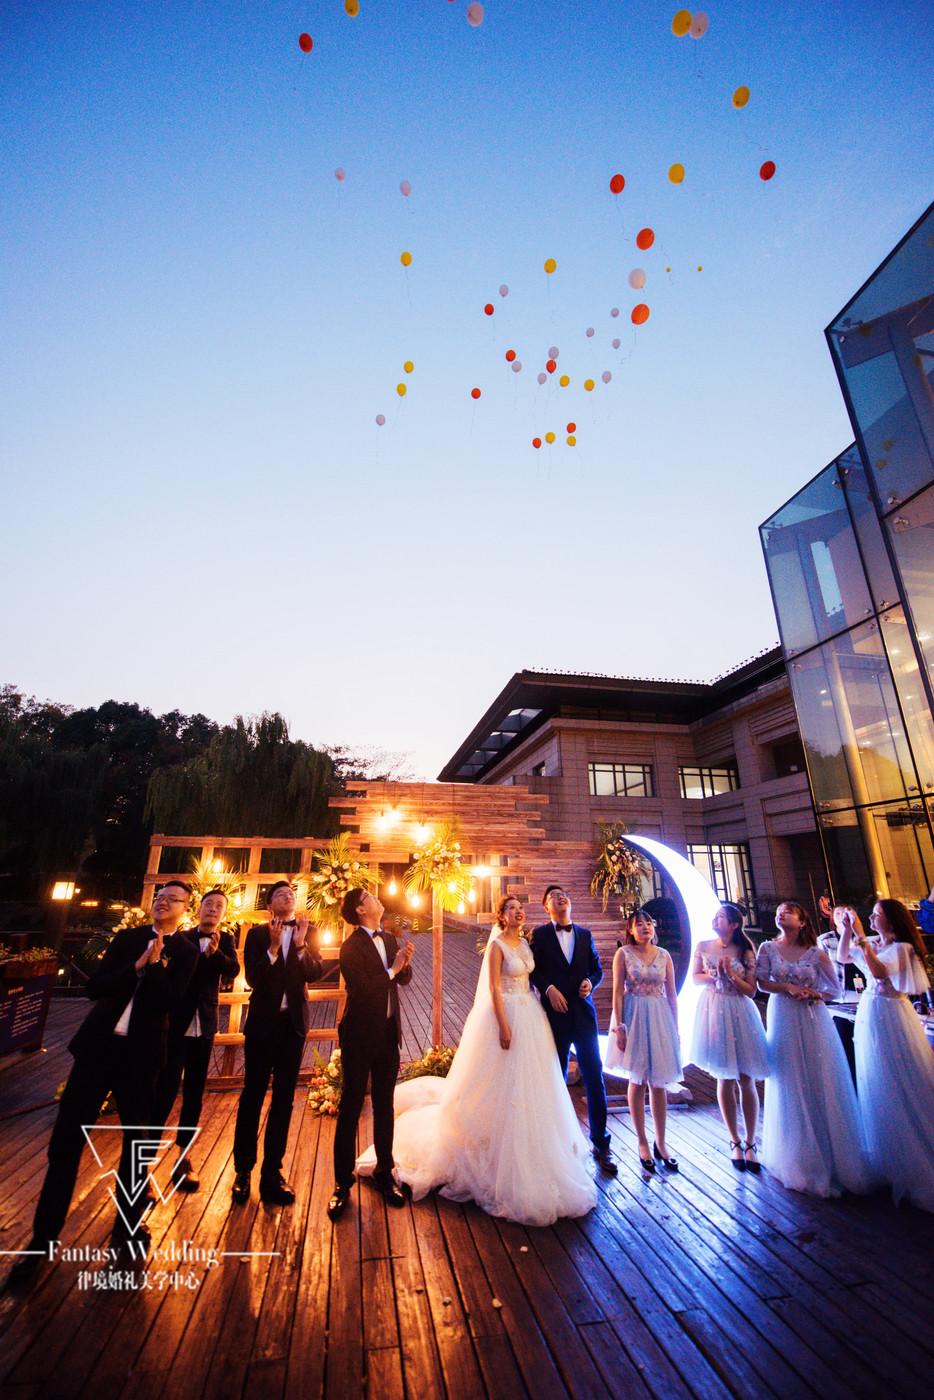 「律境婚礼」 格格^栈桥户外6